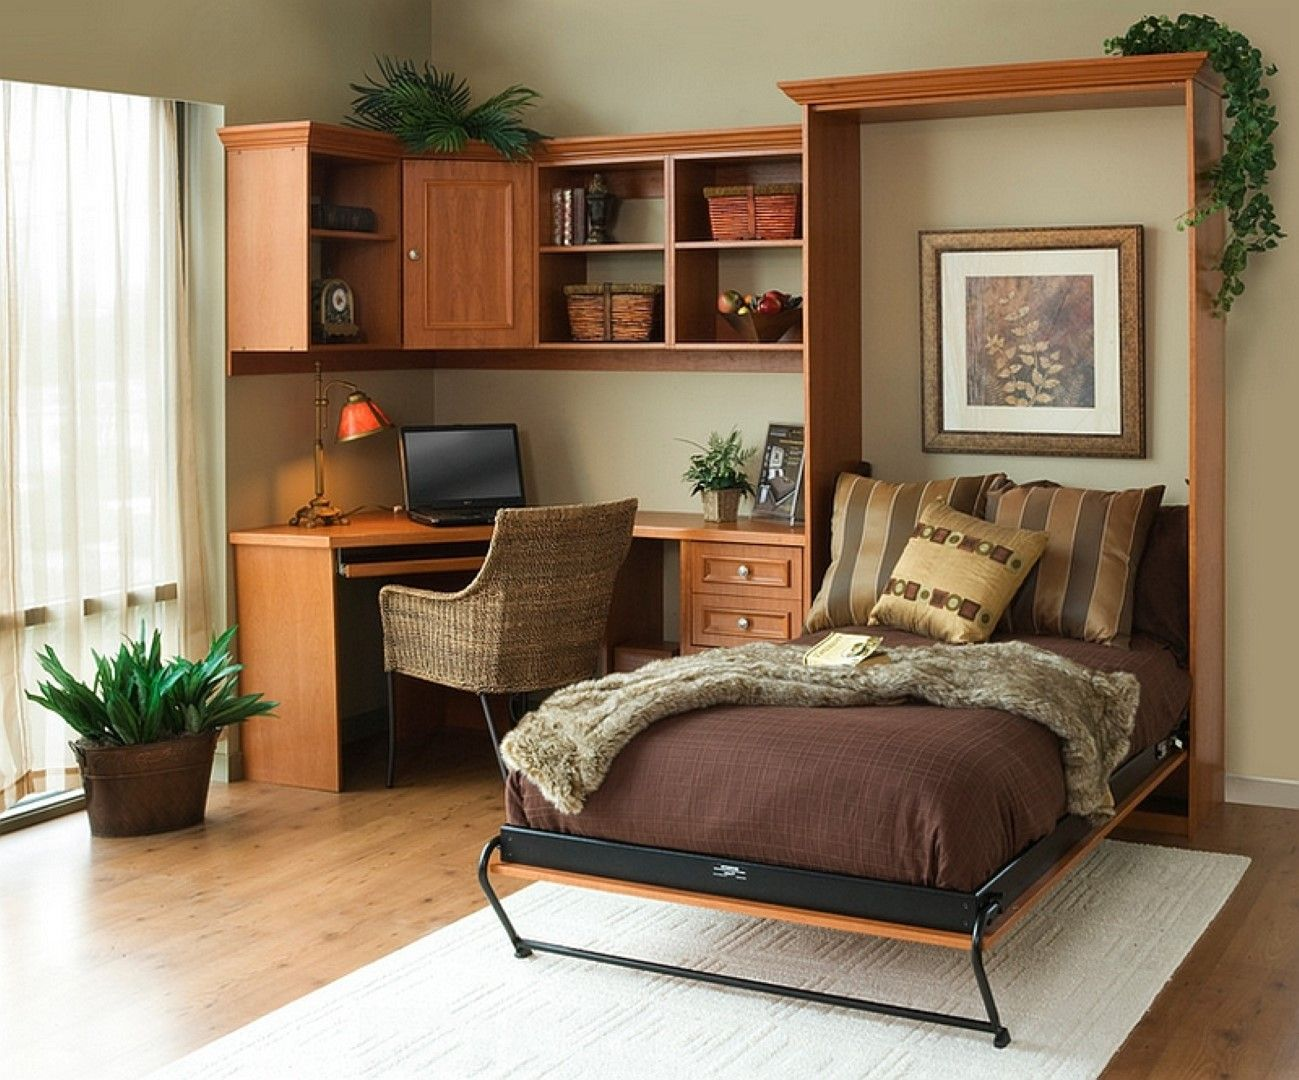 Sketch Of Comfortable Bedroom Design With Murphy Bed Kit Lowes Murphy Bed Office Bedroom Office Combo Bedroom Workspace